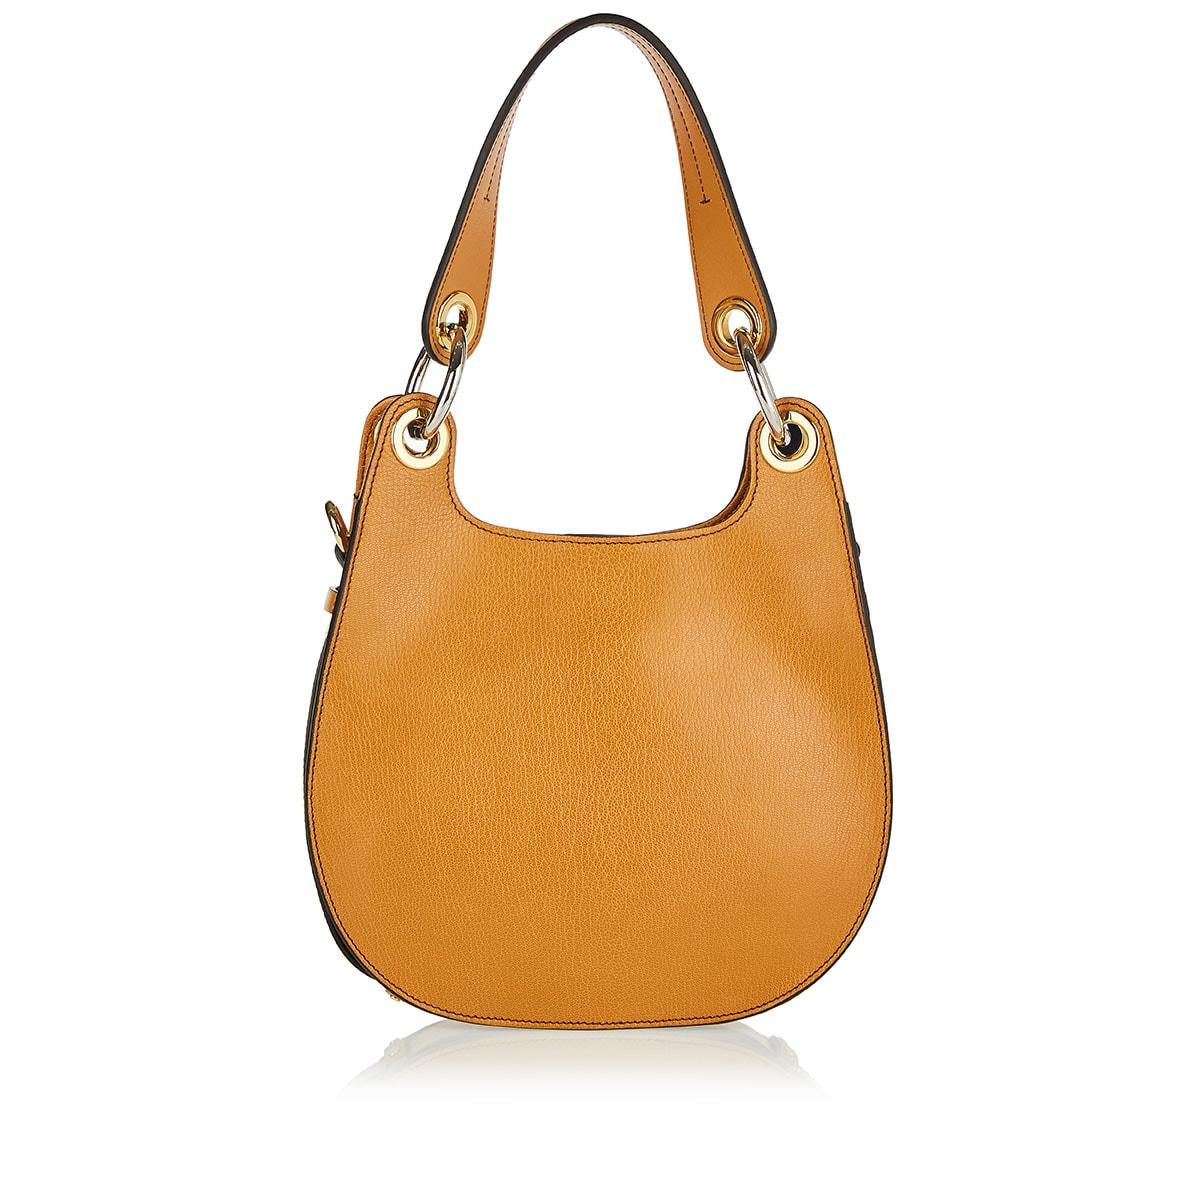 Tess leather shoulder bag